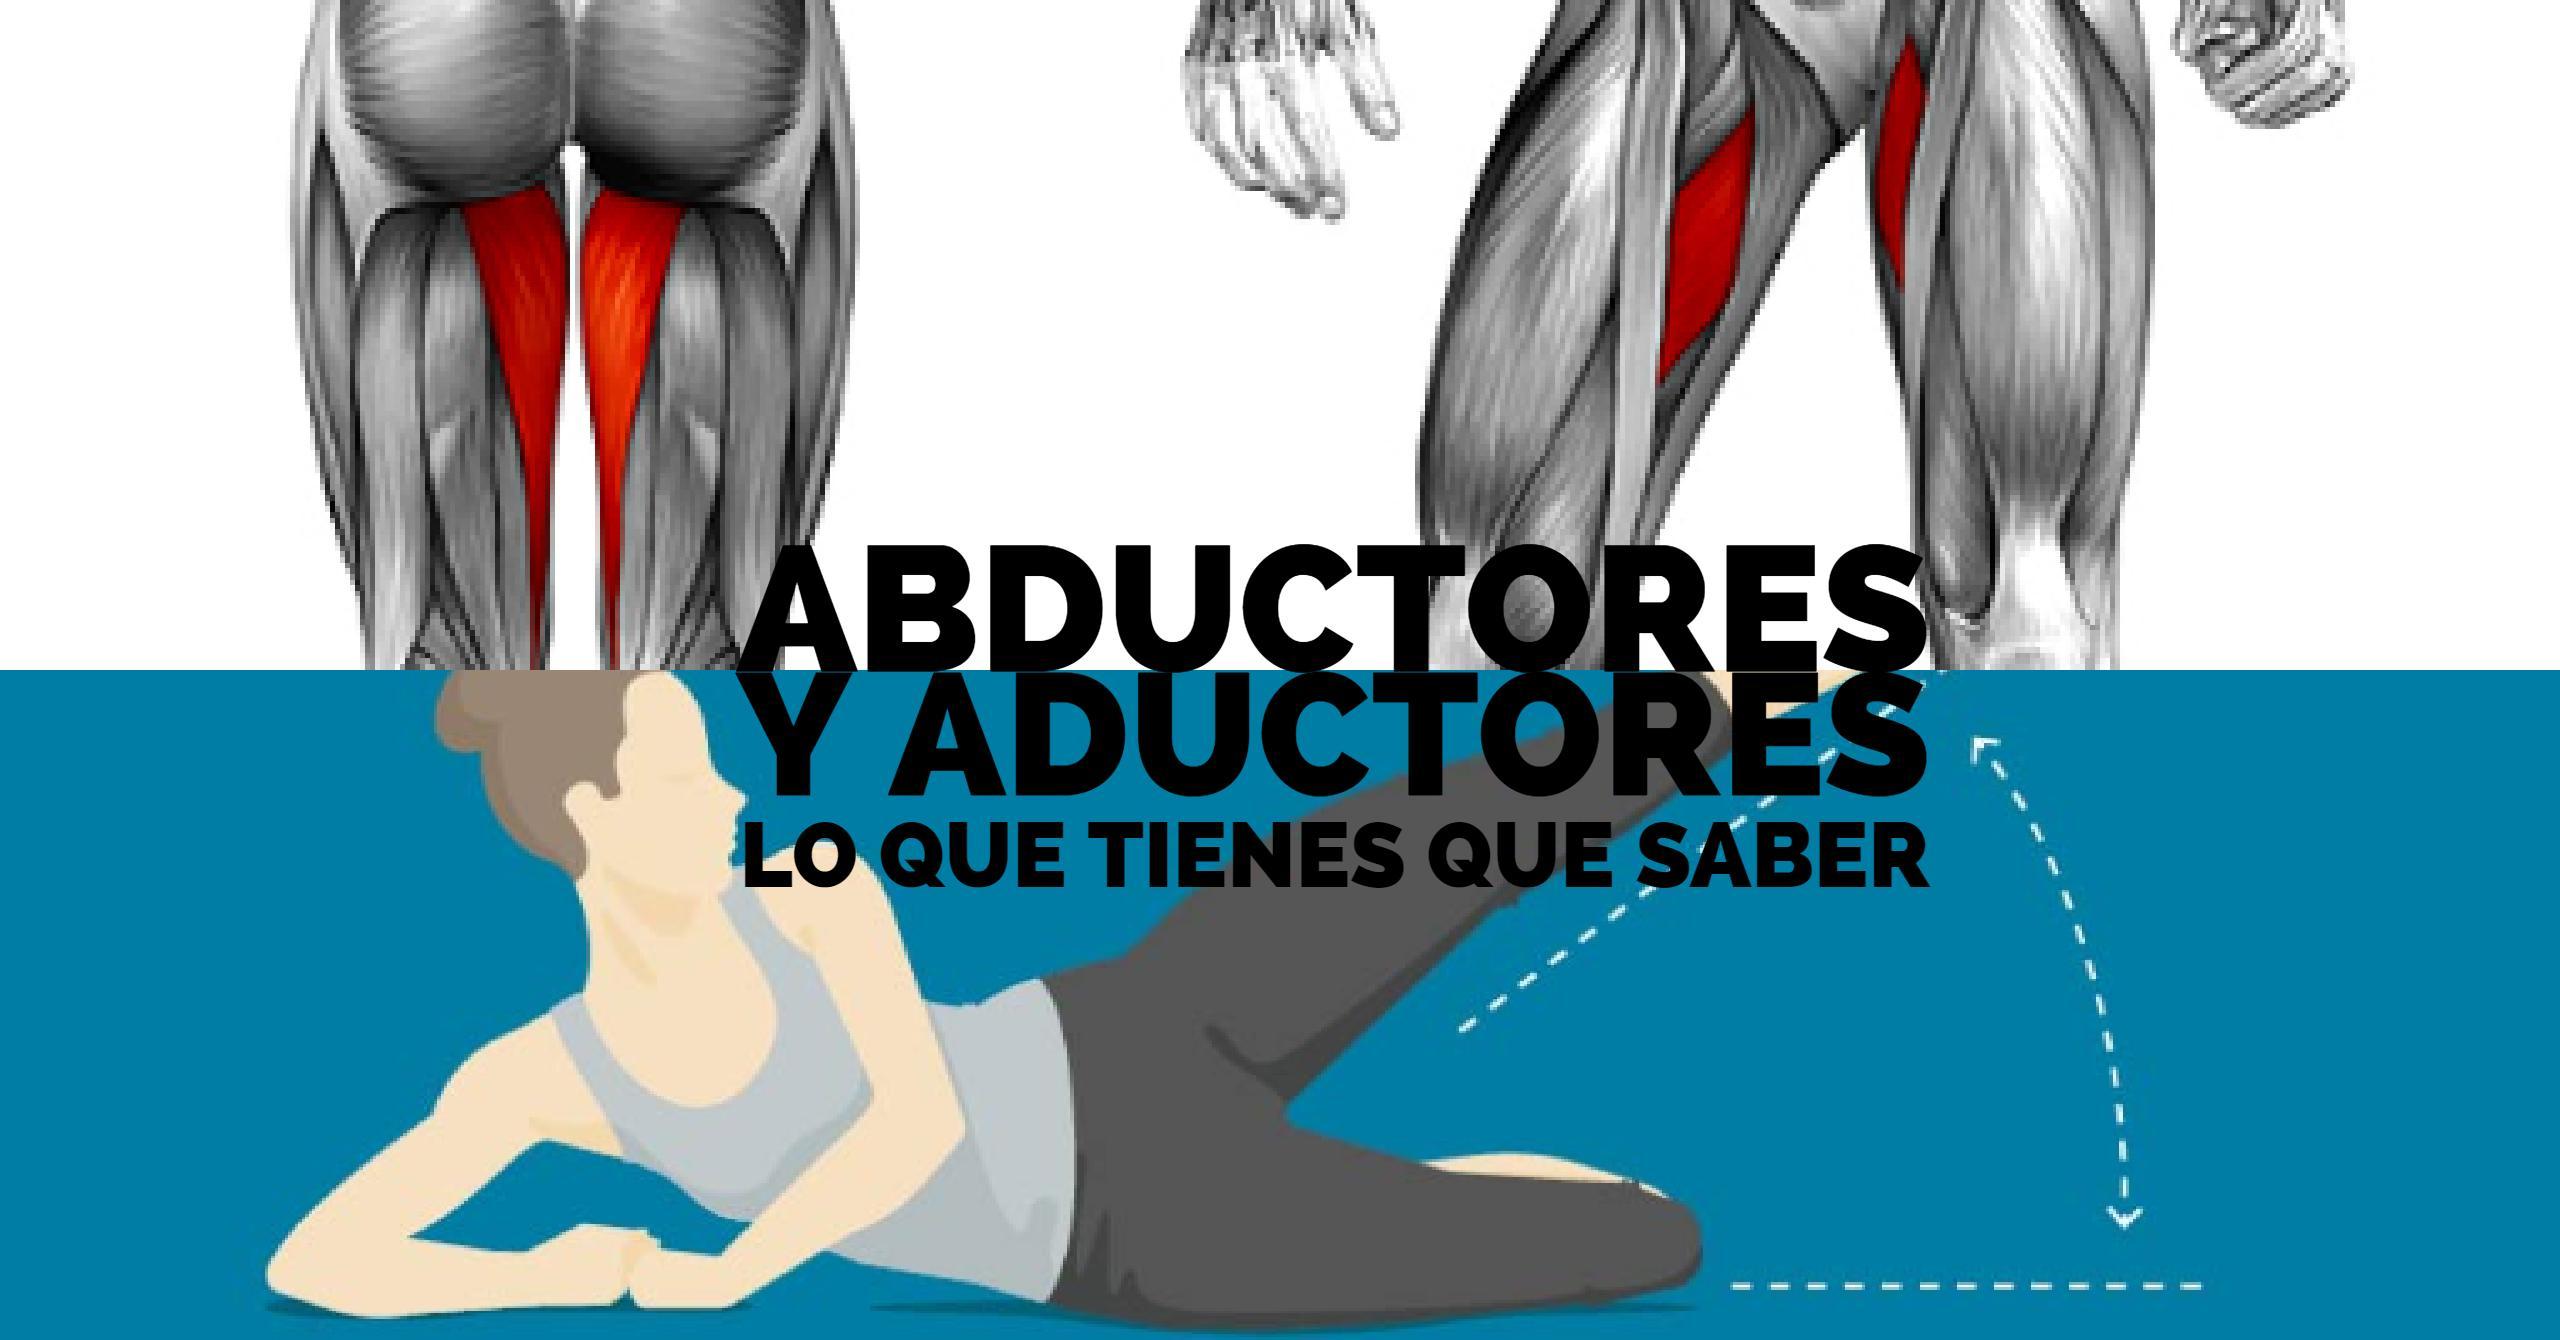 Músculos ADUCTORES y ABDUCTORES: Funciones, diferencias y ejercicios ...